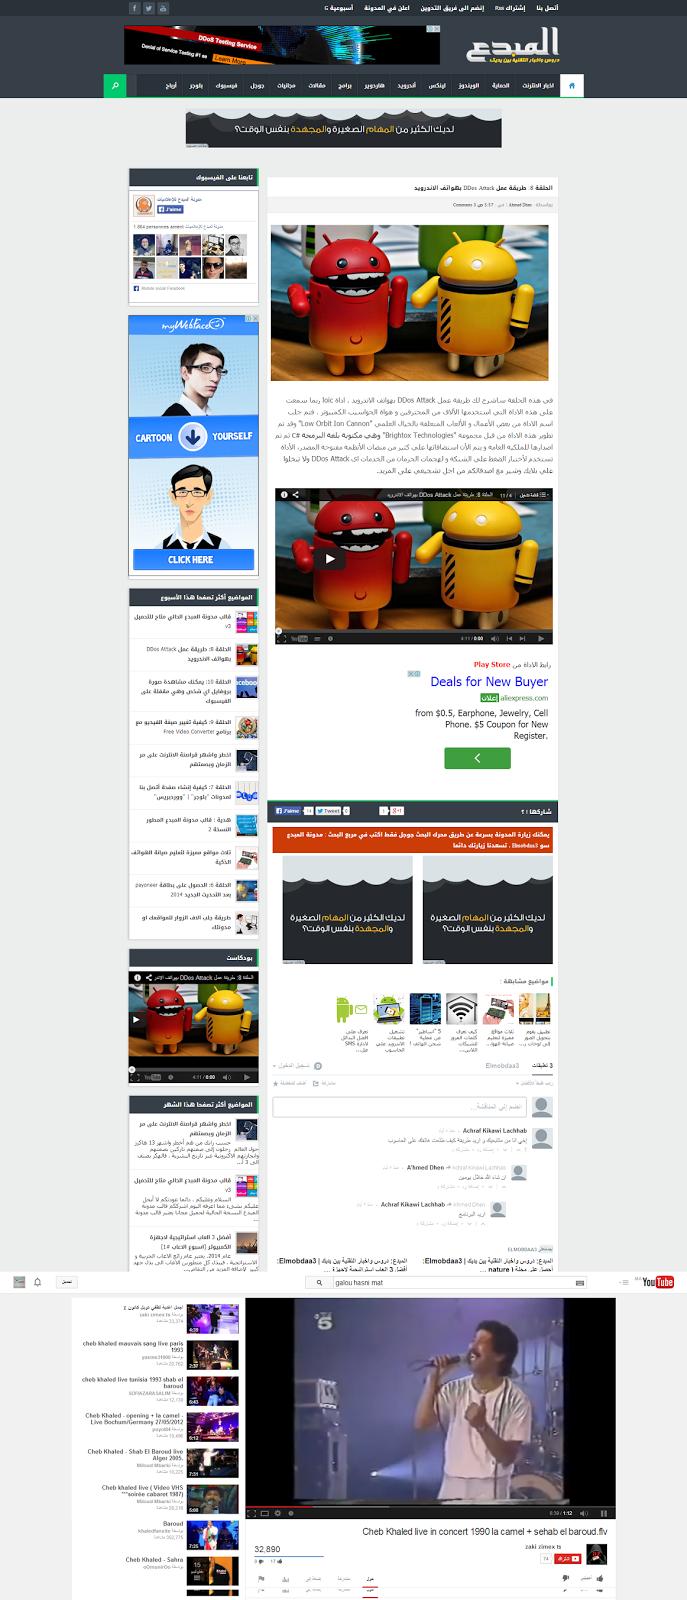 قالب مدونة المبدع المطور النسخة v3 قالب مدونة المبدع المطور النسخة v3 قالب مدونة المبدع المطور النسخة v3 قالب مدونة المبدع المطور النسخة v3